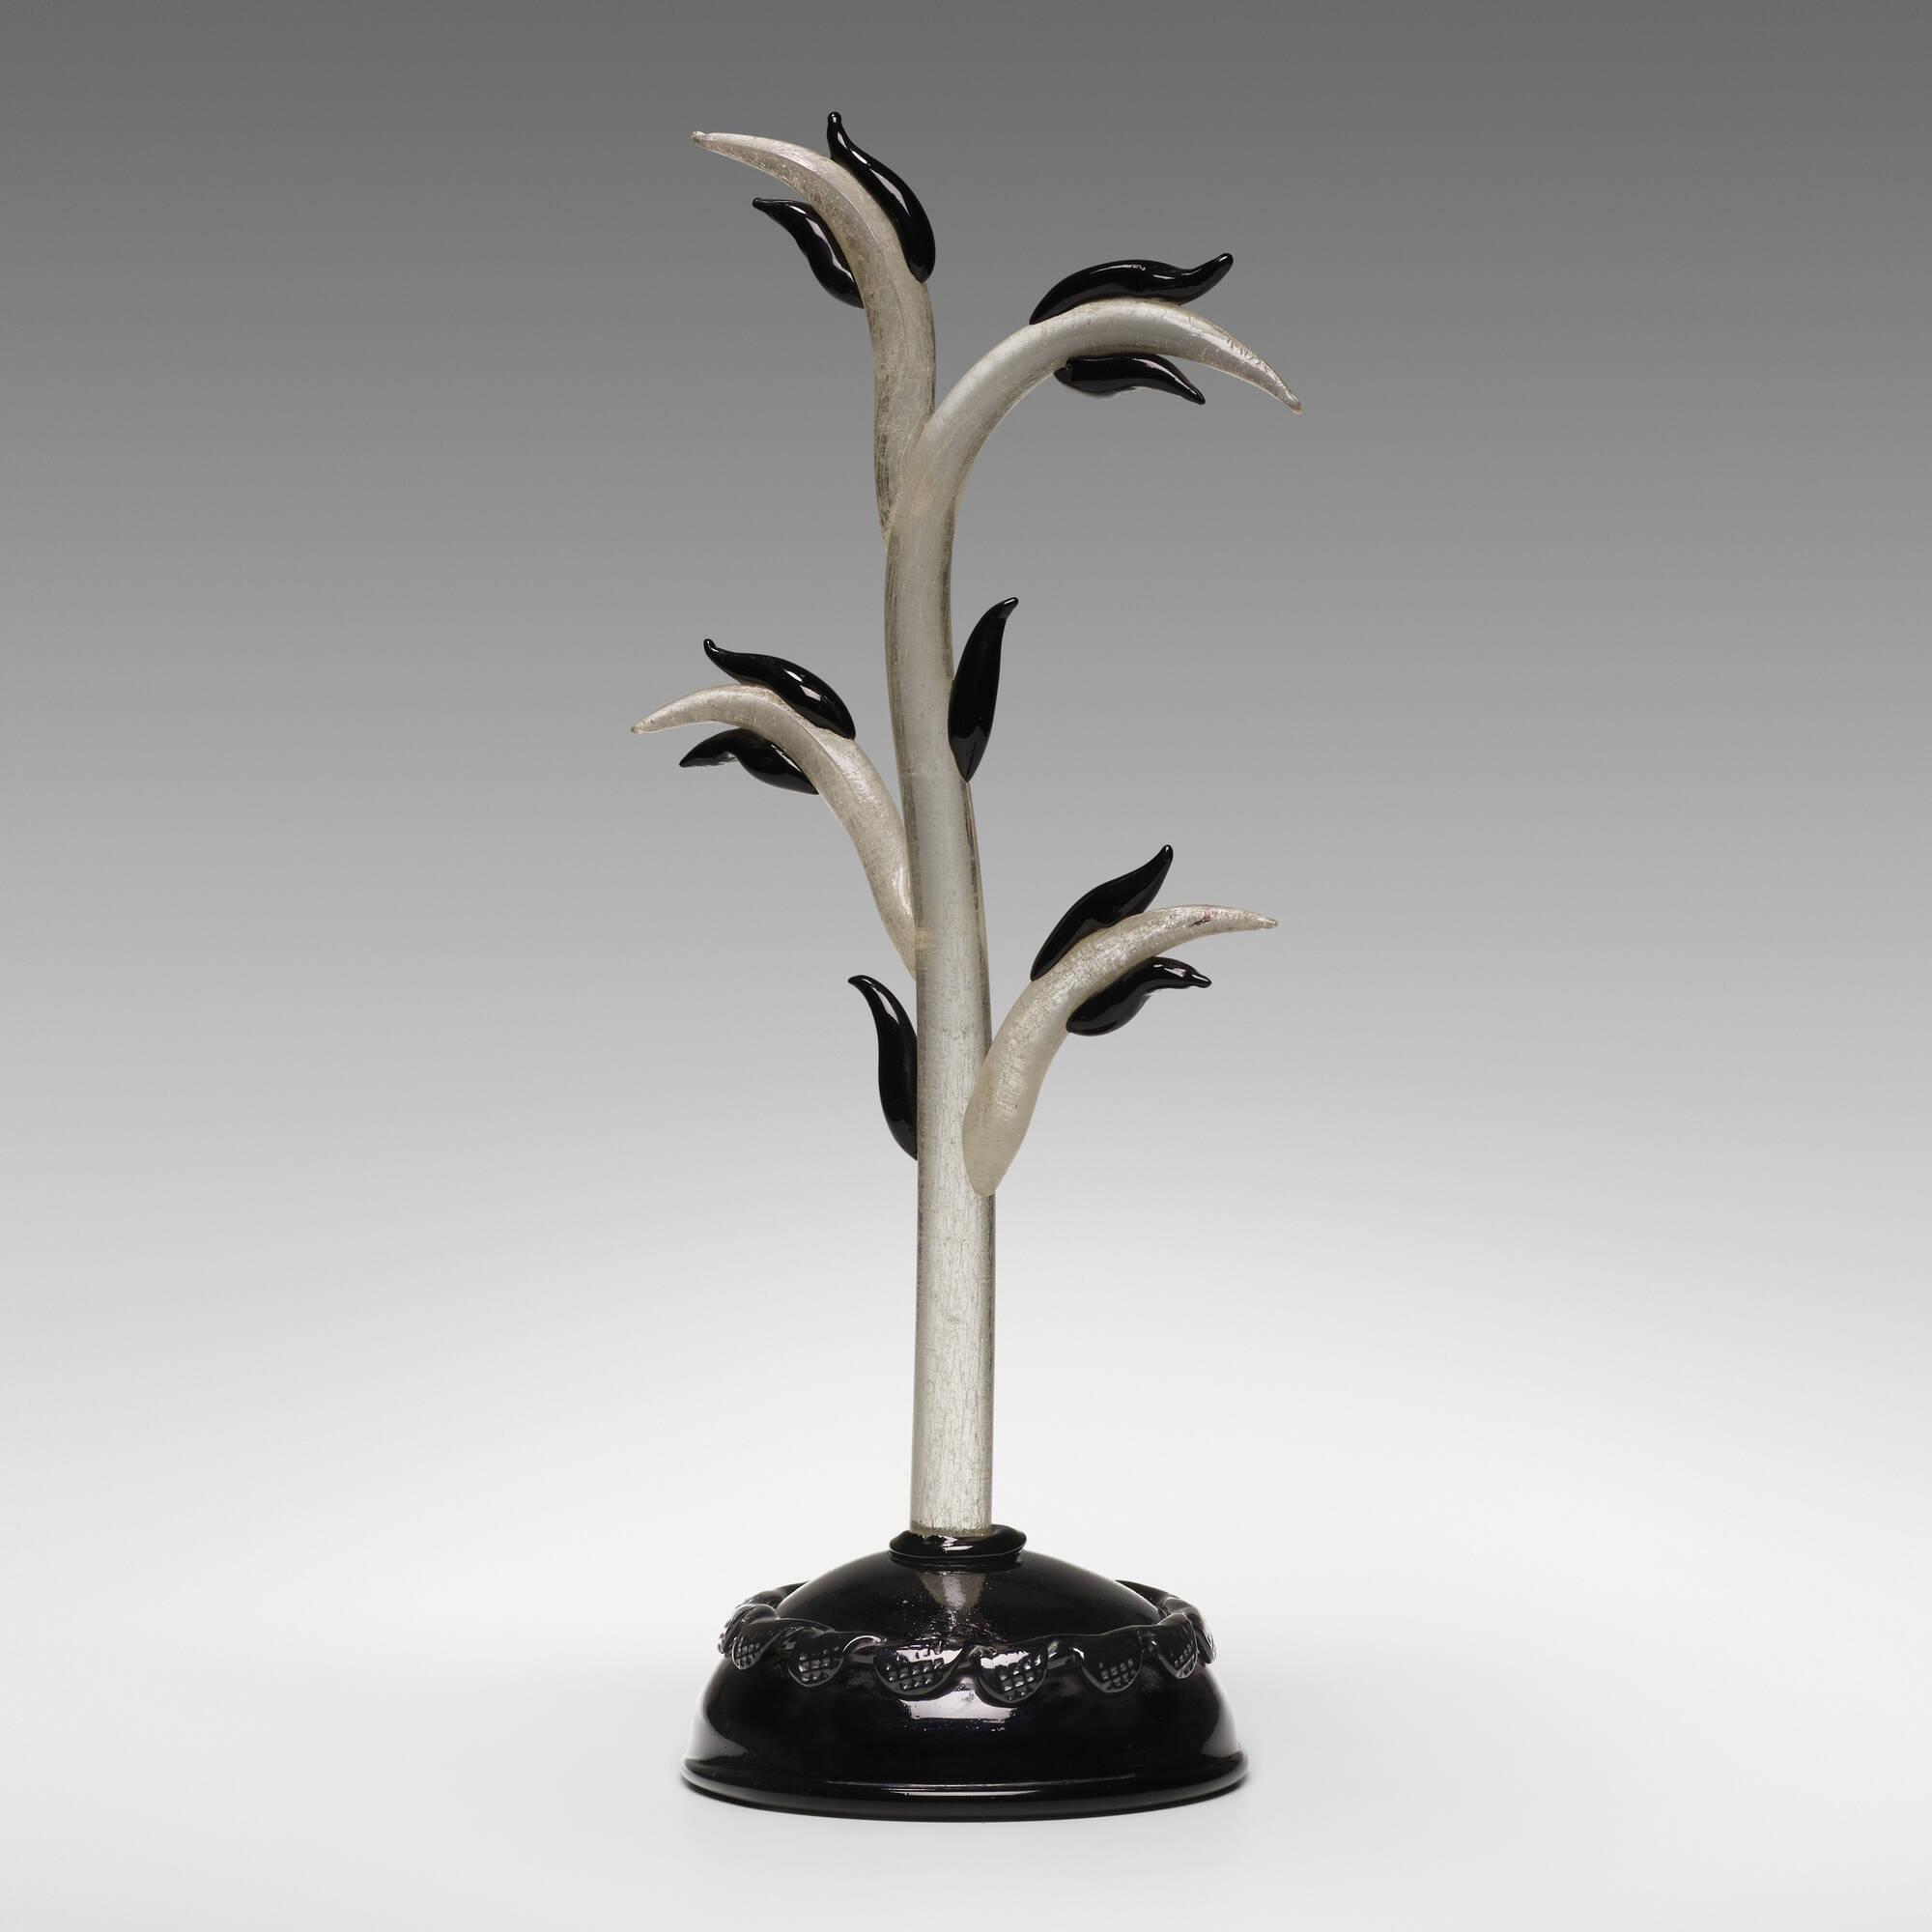 35: Ercole Barovier / Rare and Important Primavera Tree form (1 of 2)